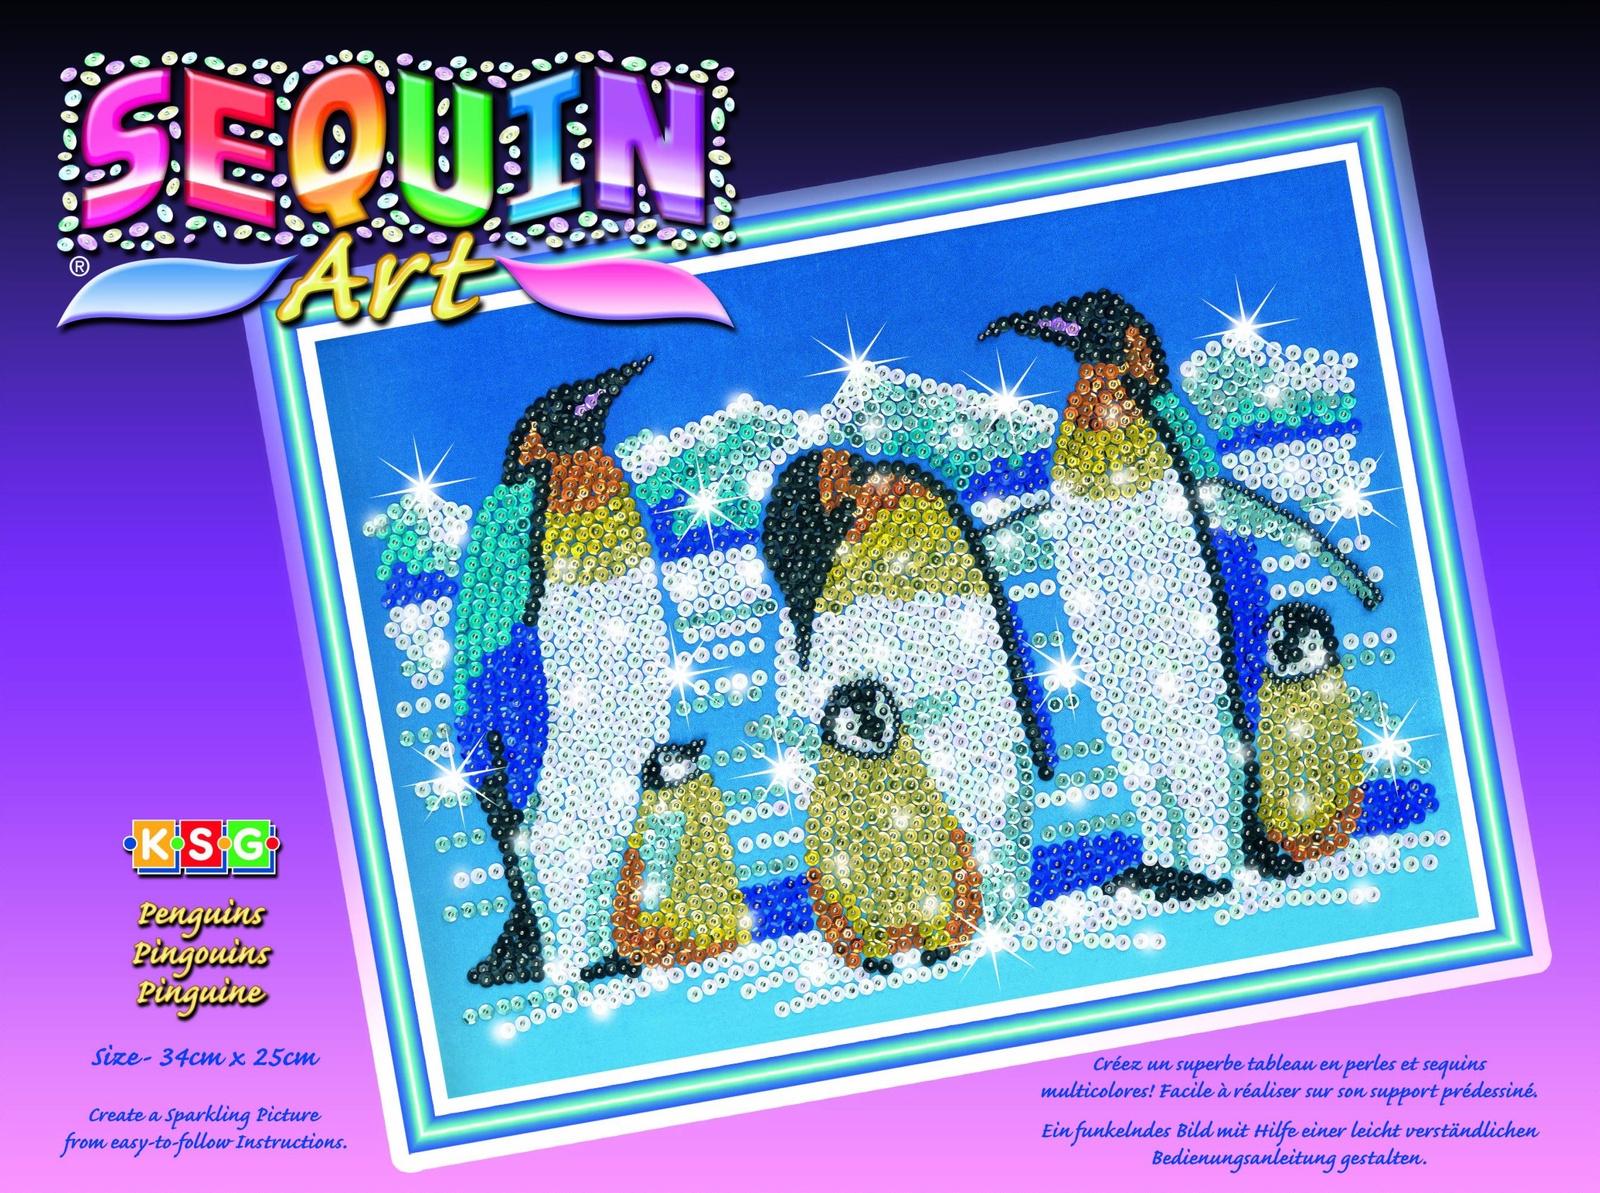 """Картина из пайеток Sequin Art /KSG Пингвины, 06170617Мозаика из бусинок """"Пингвины"""". Сделайте сияющую картинку из бусин на бархате, просто накалывая их по контуру рисунка при помощи булавок. В набор входят: основа из пенопласта, бархат, булавки, бусинки и схема."""